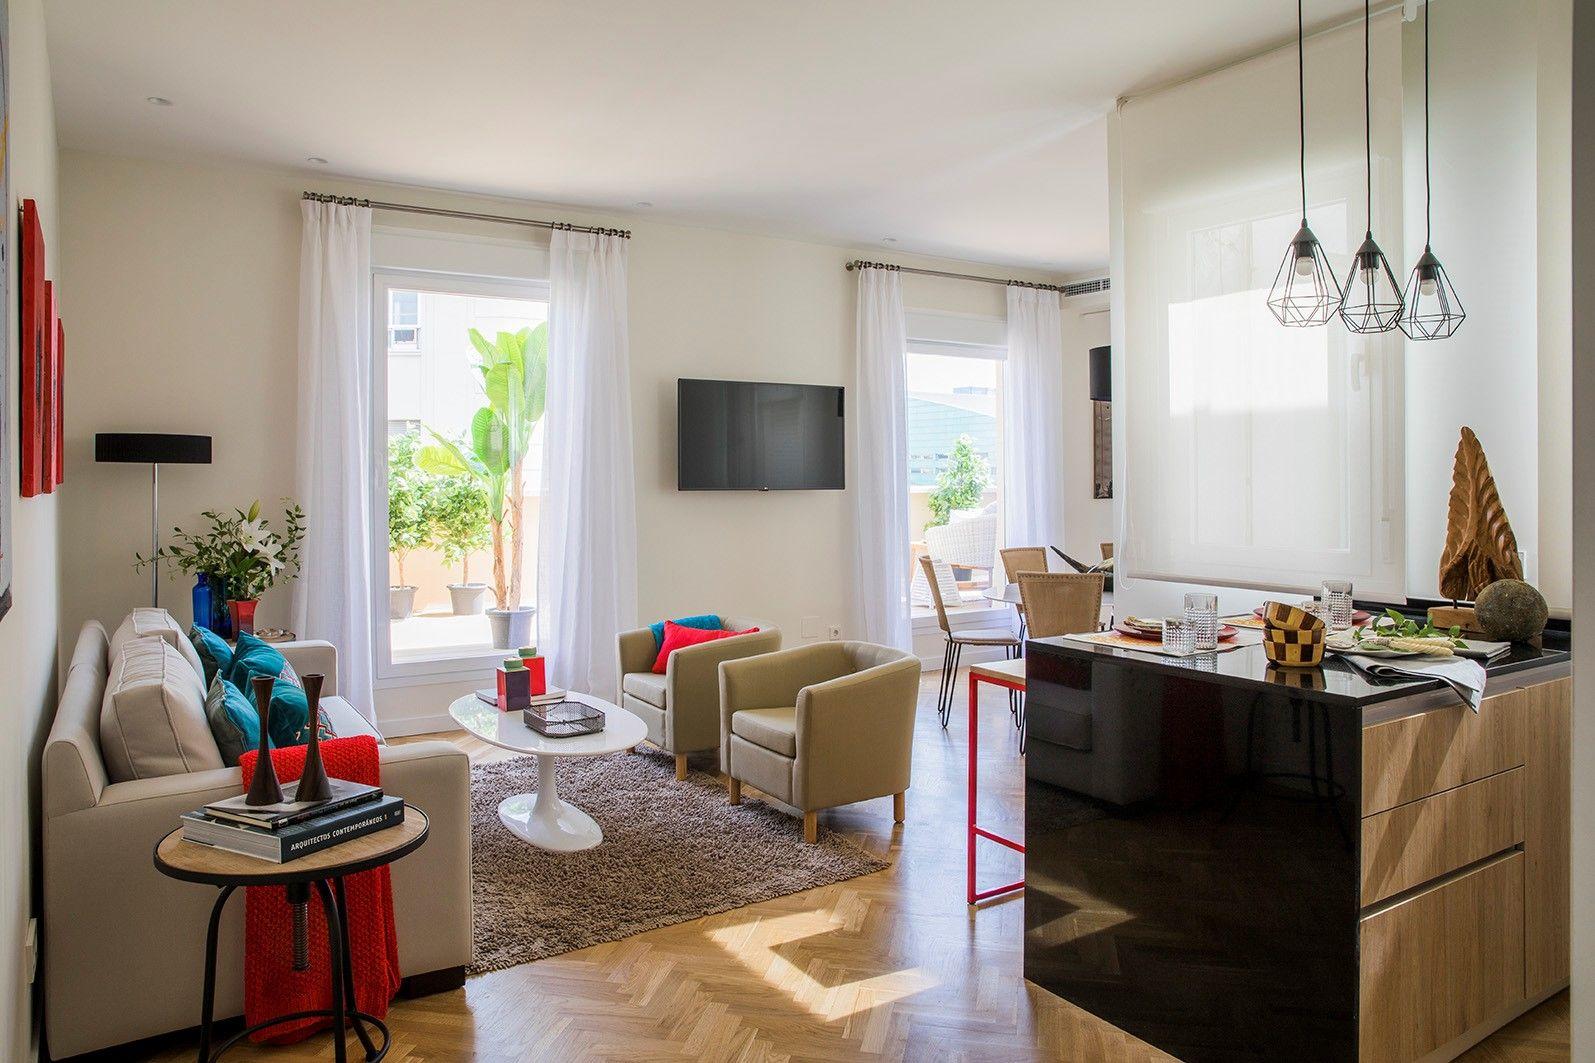 Gran Salon Comedor Con Cocina Incorporada Con Un Diseno Moderno Y Funcional Apartamento Jorge Juan I Home Decor Home Decor